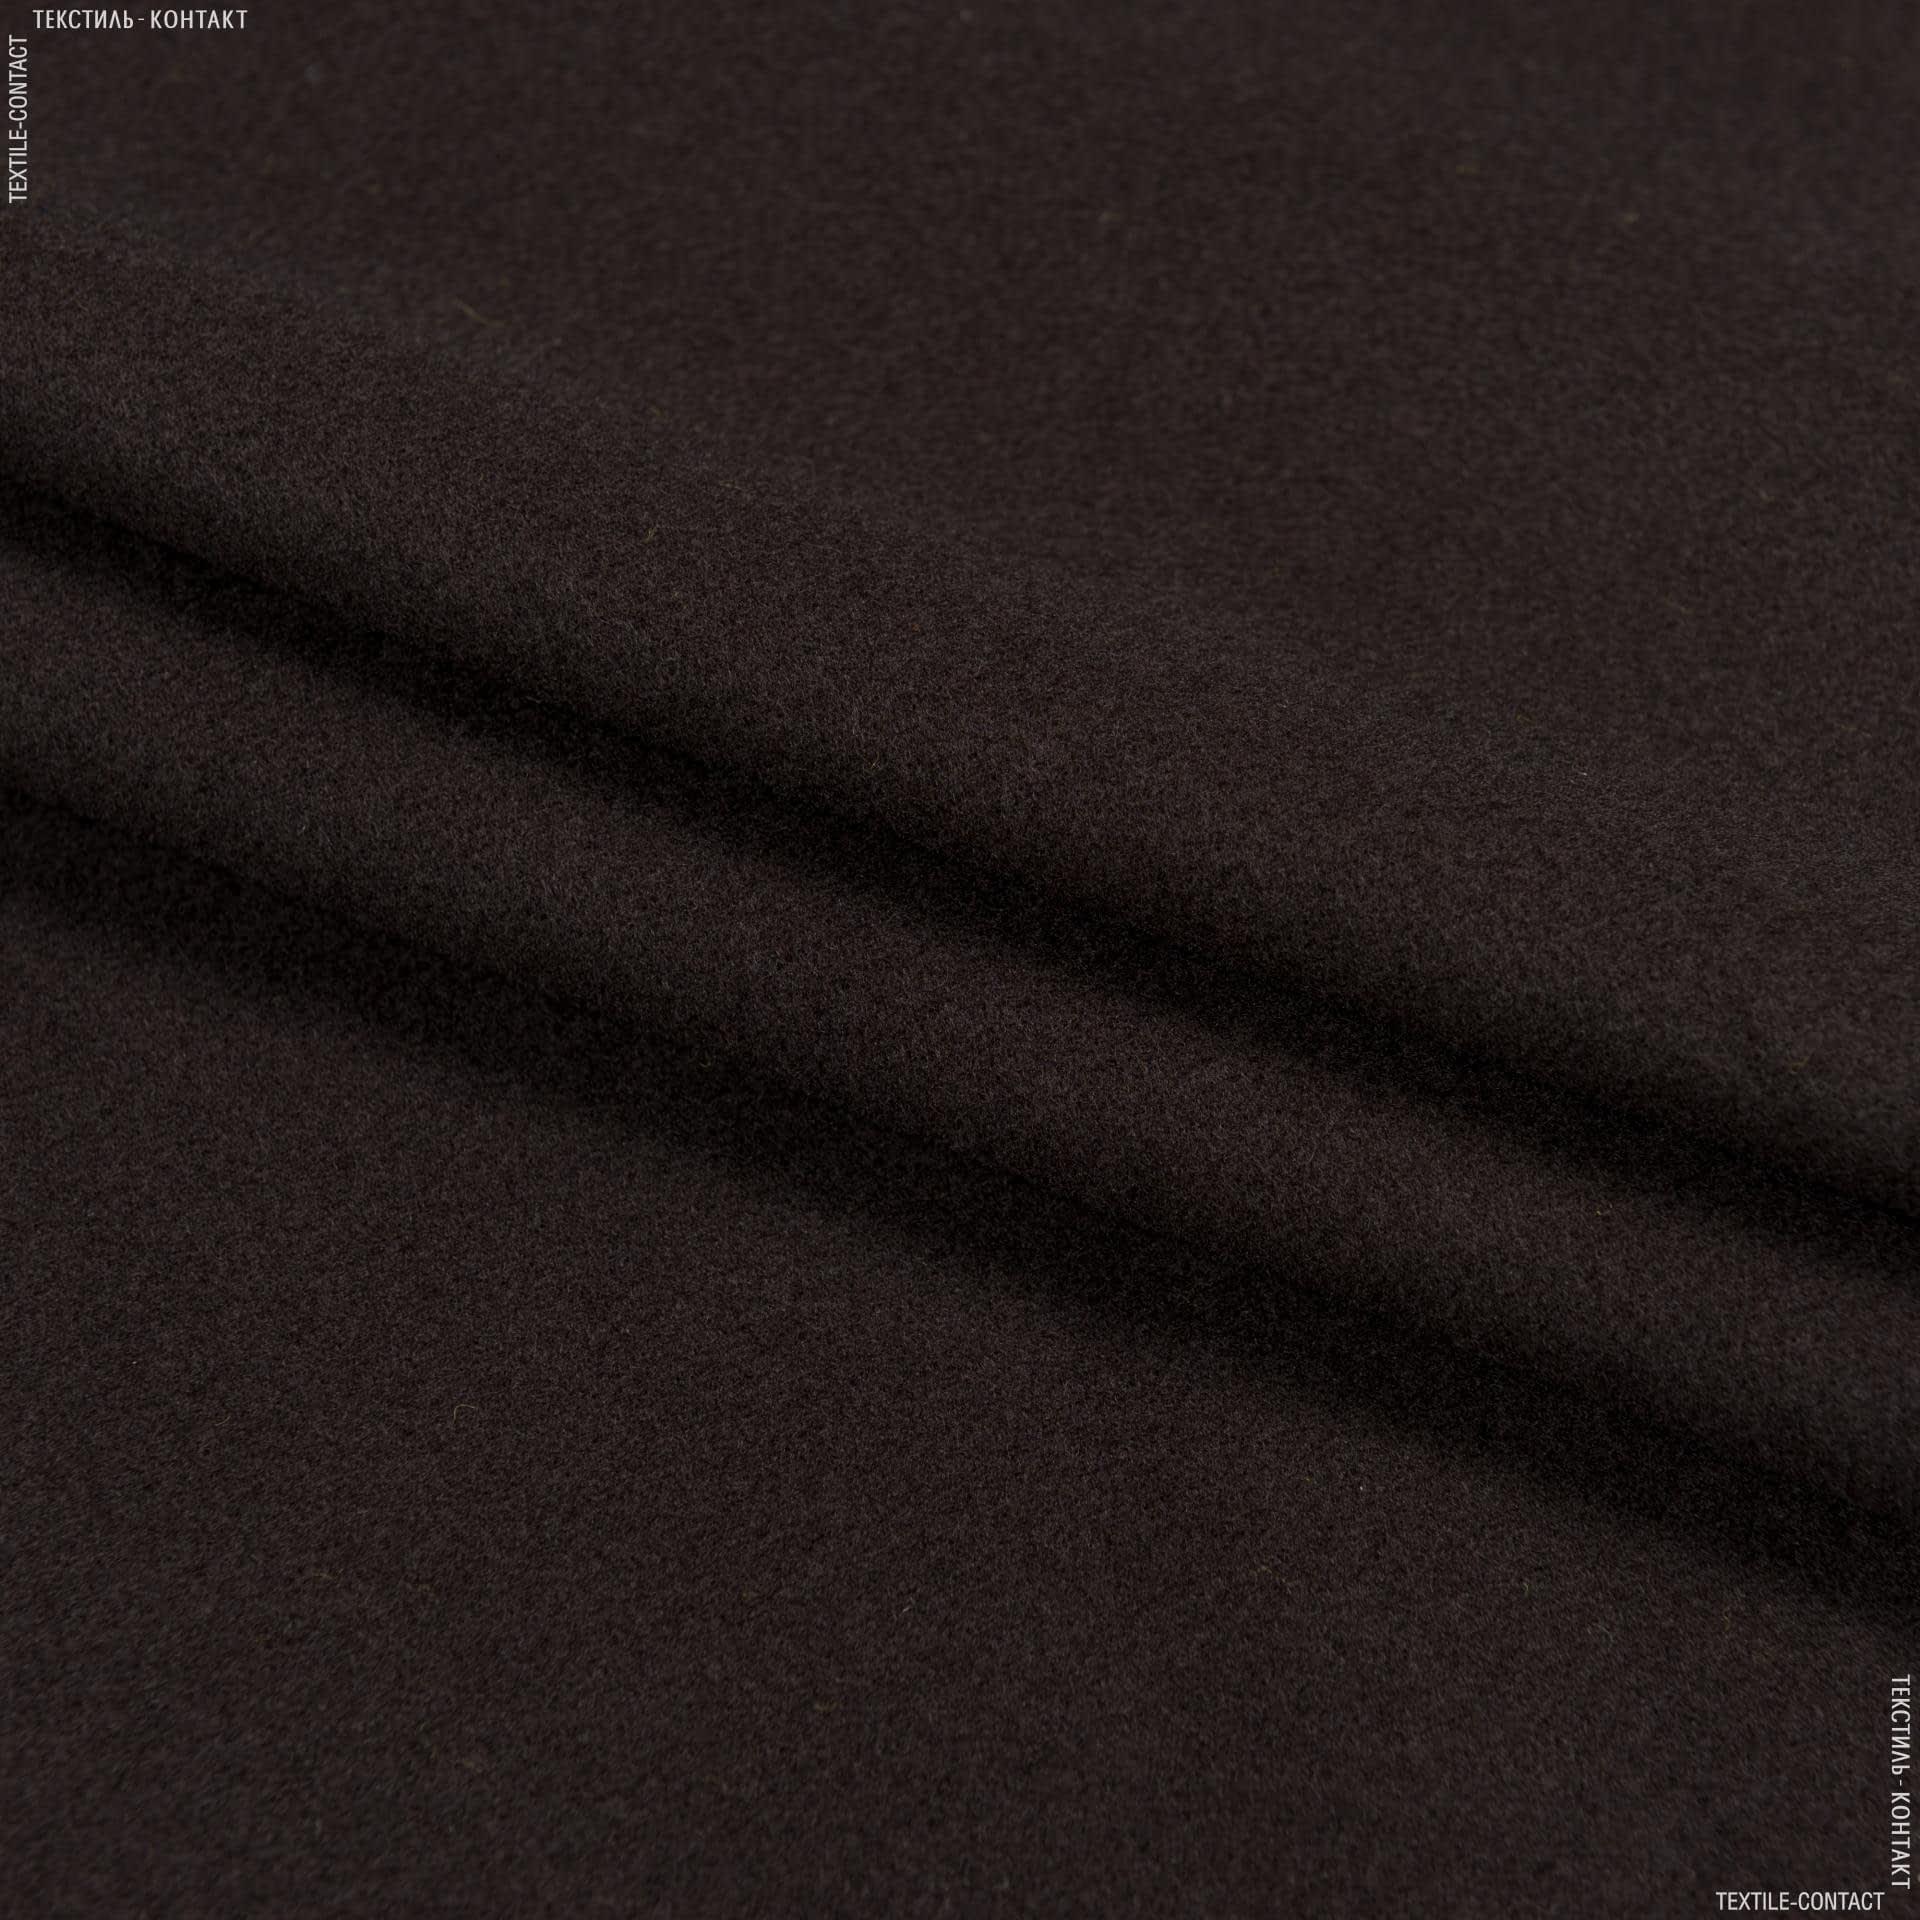 Тканини для верхнього одягу - Пальтовий кашемір вірджинія шоколадний